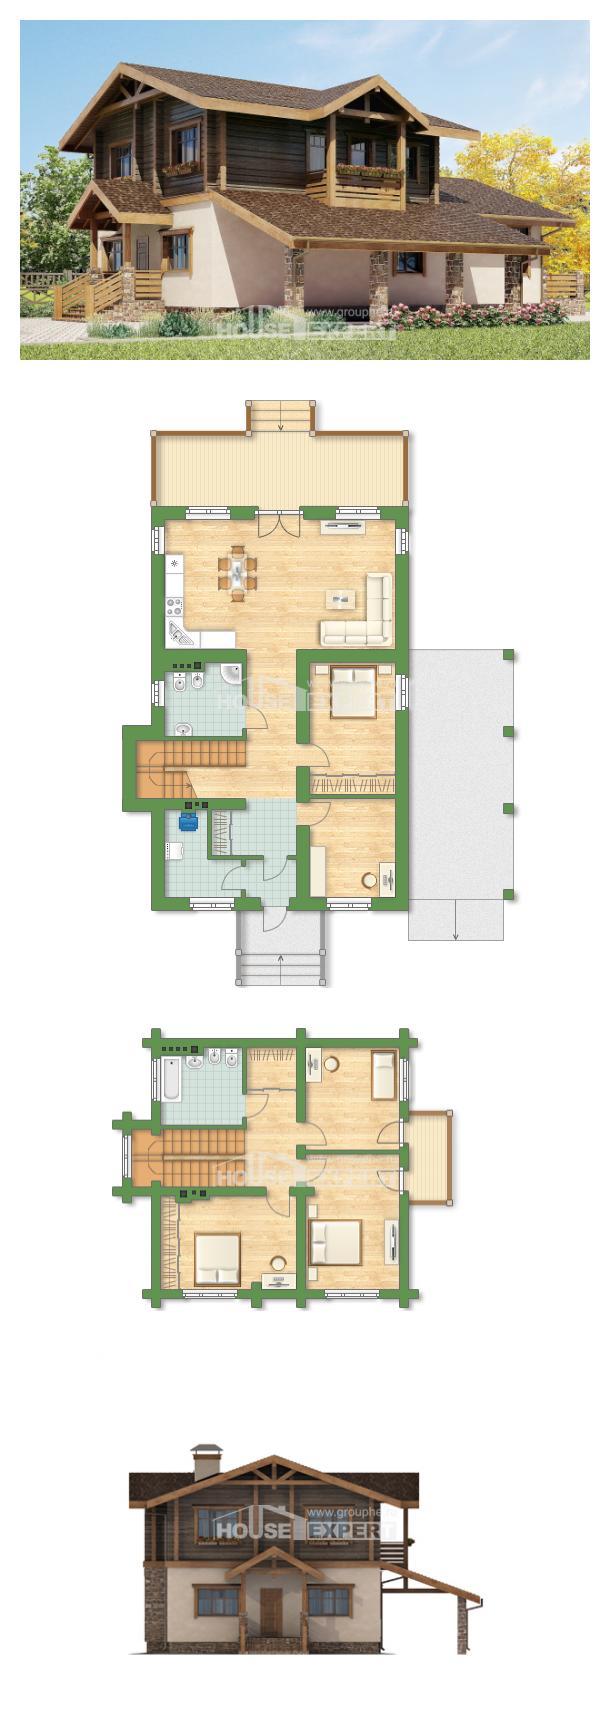 Plan 170-004-R | House Expert